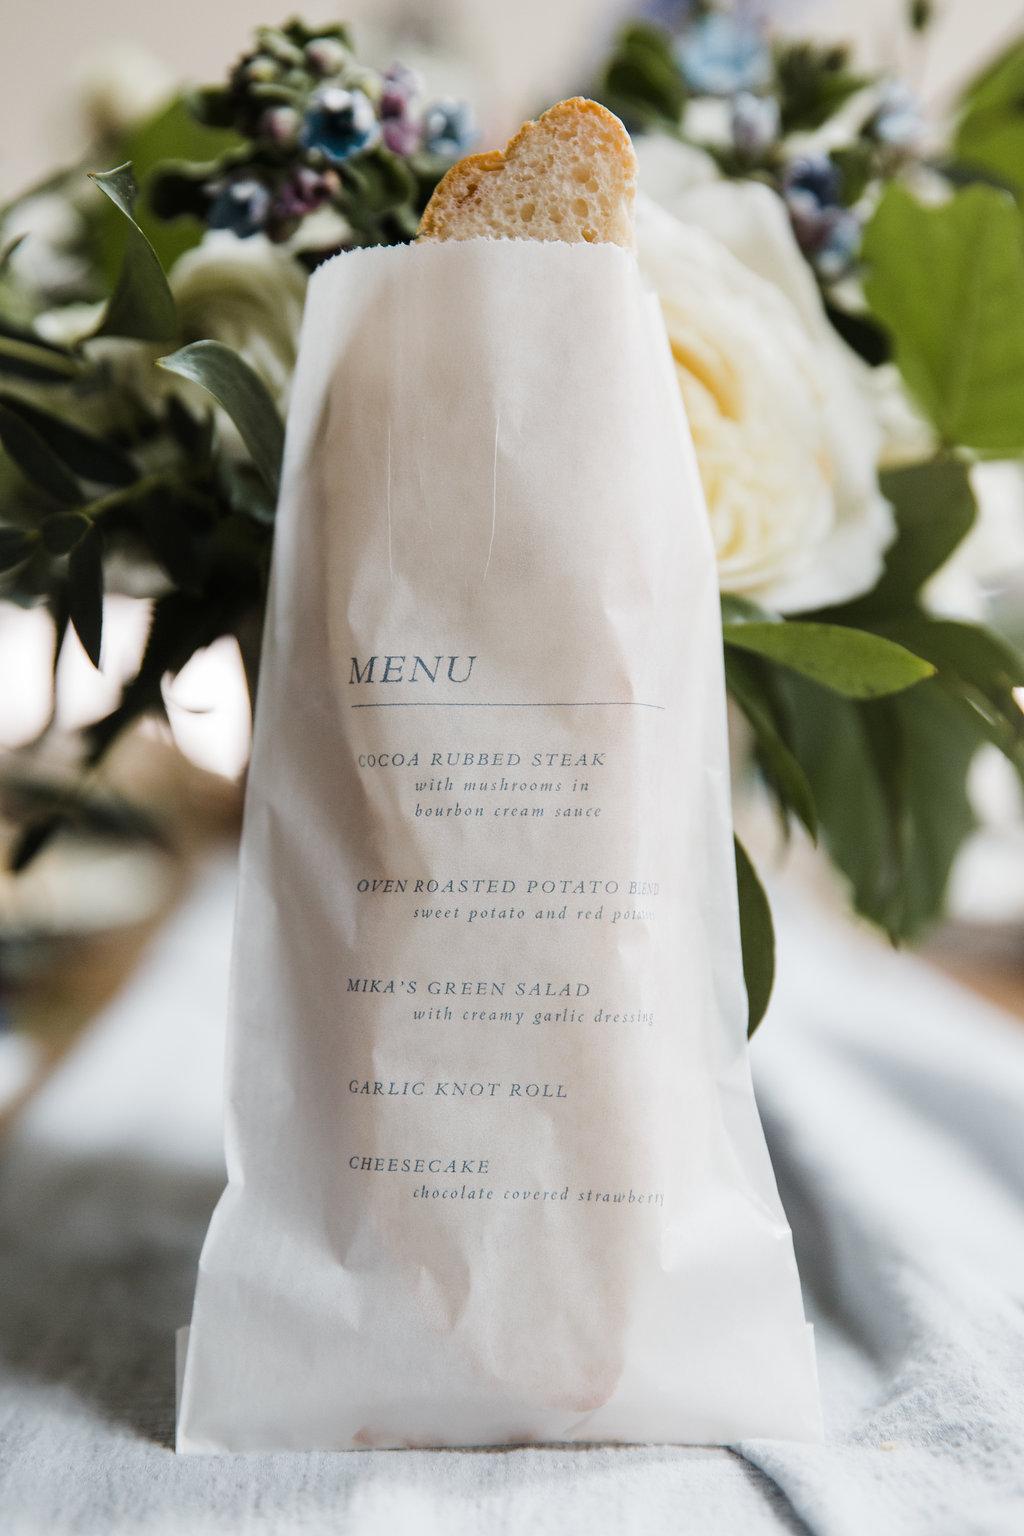 dinner menu printed on glassine bag for bread favor